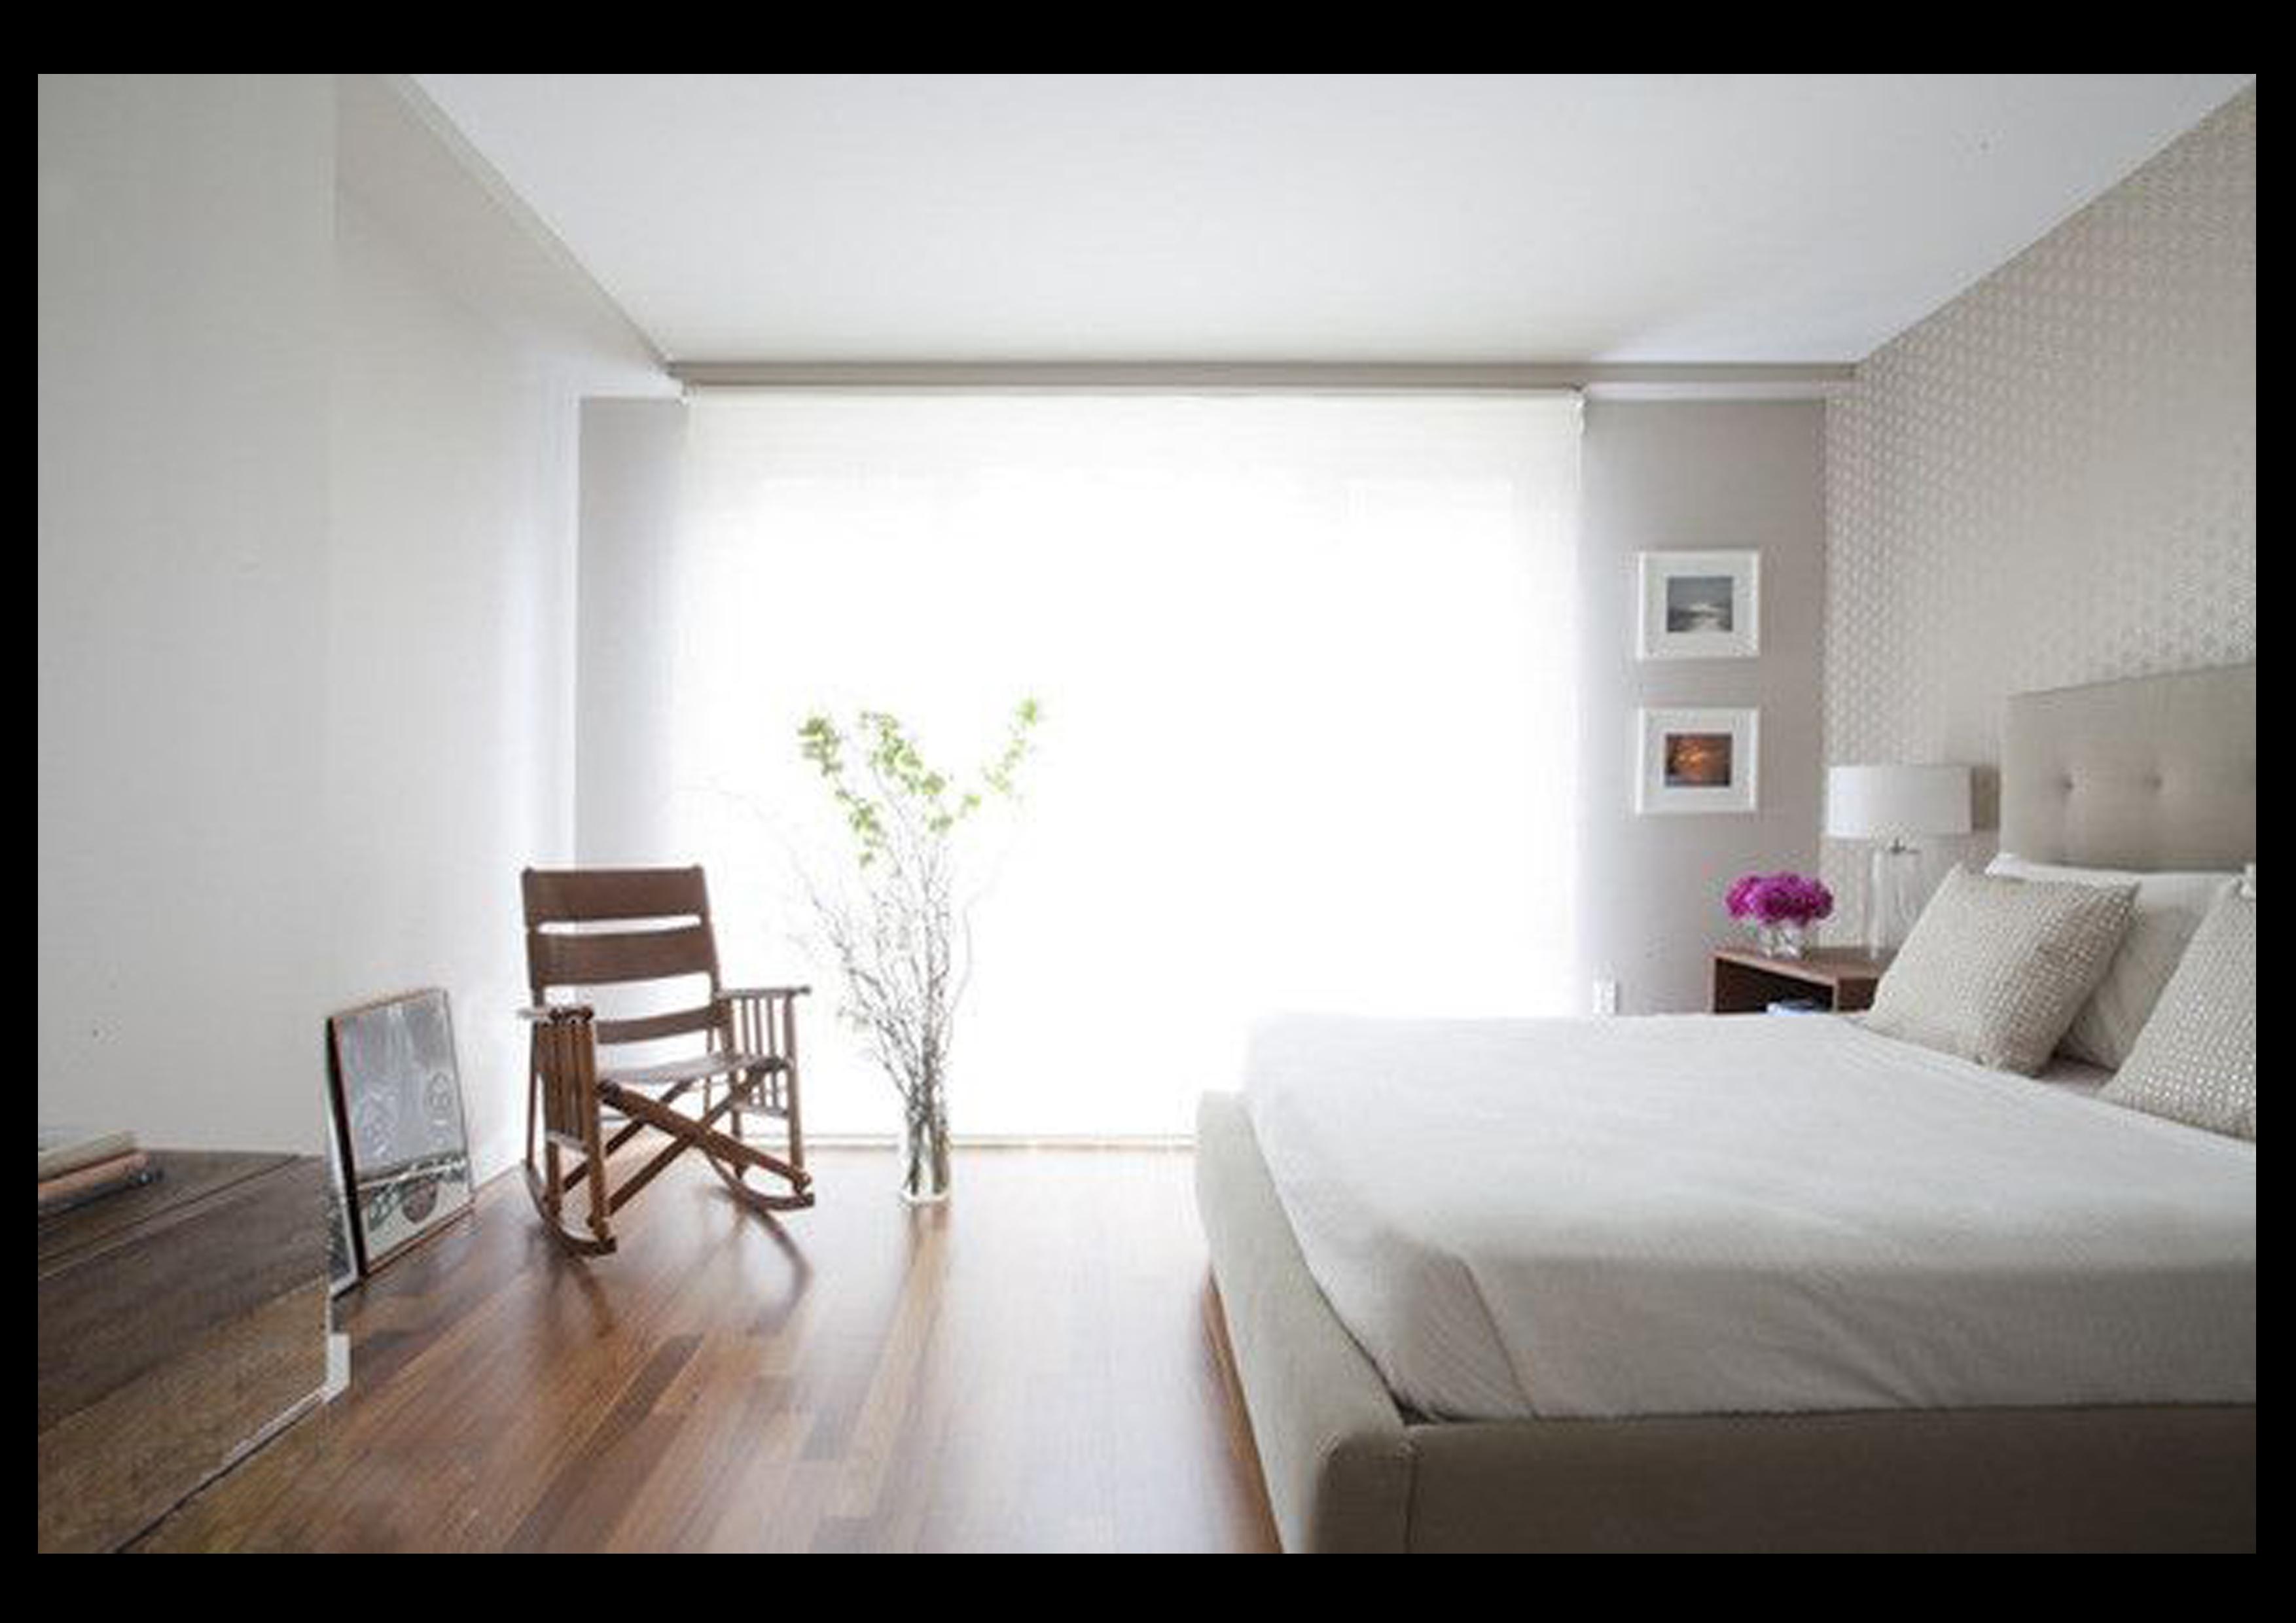 现代简约装修效果图,室内设计效果图-齐家装修网